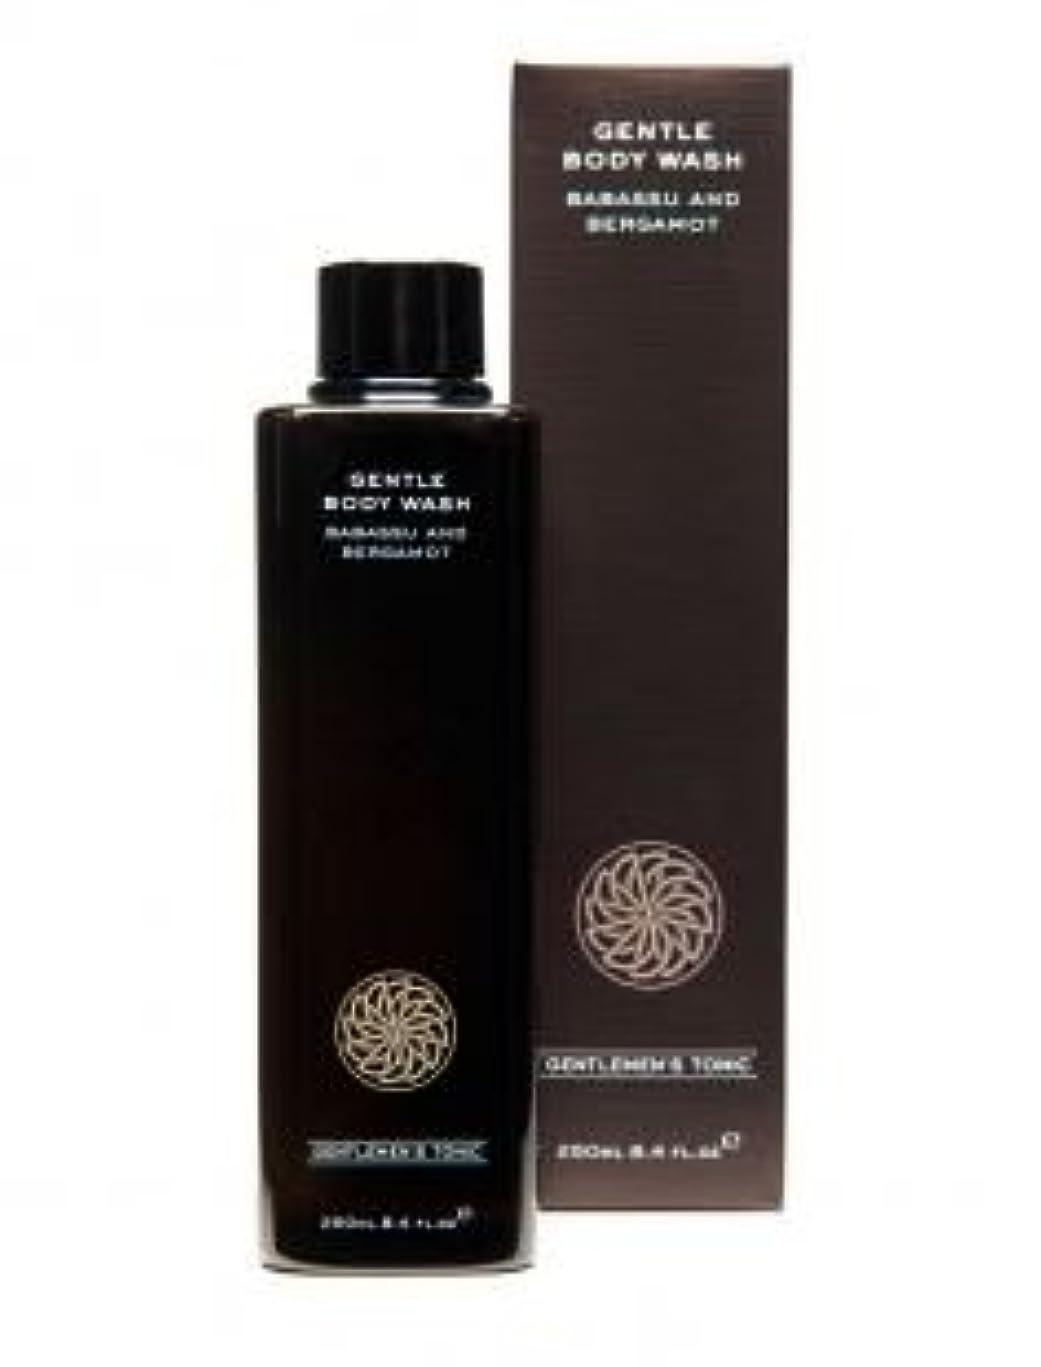 職業エコー欠陥Gentlemen's Tonic ジェントルメンズトニック Gentle Body Wash (ジェントルボディウォッシュ) 250ml